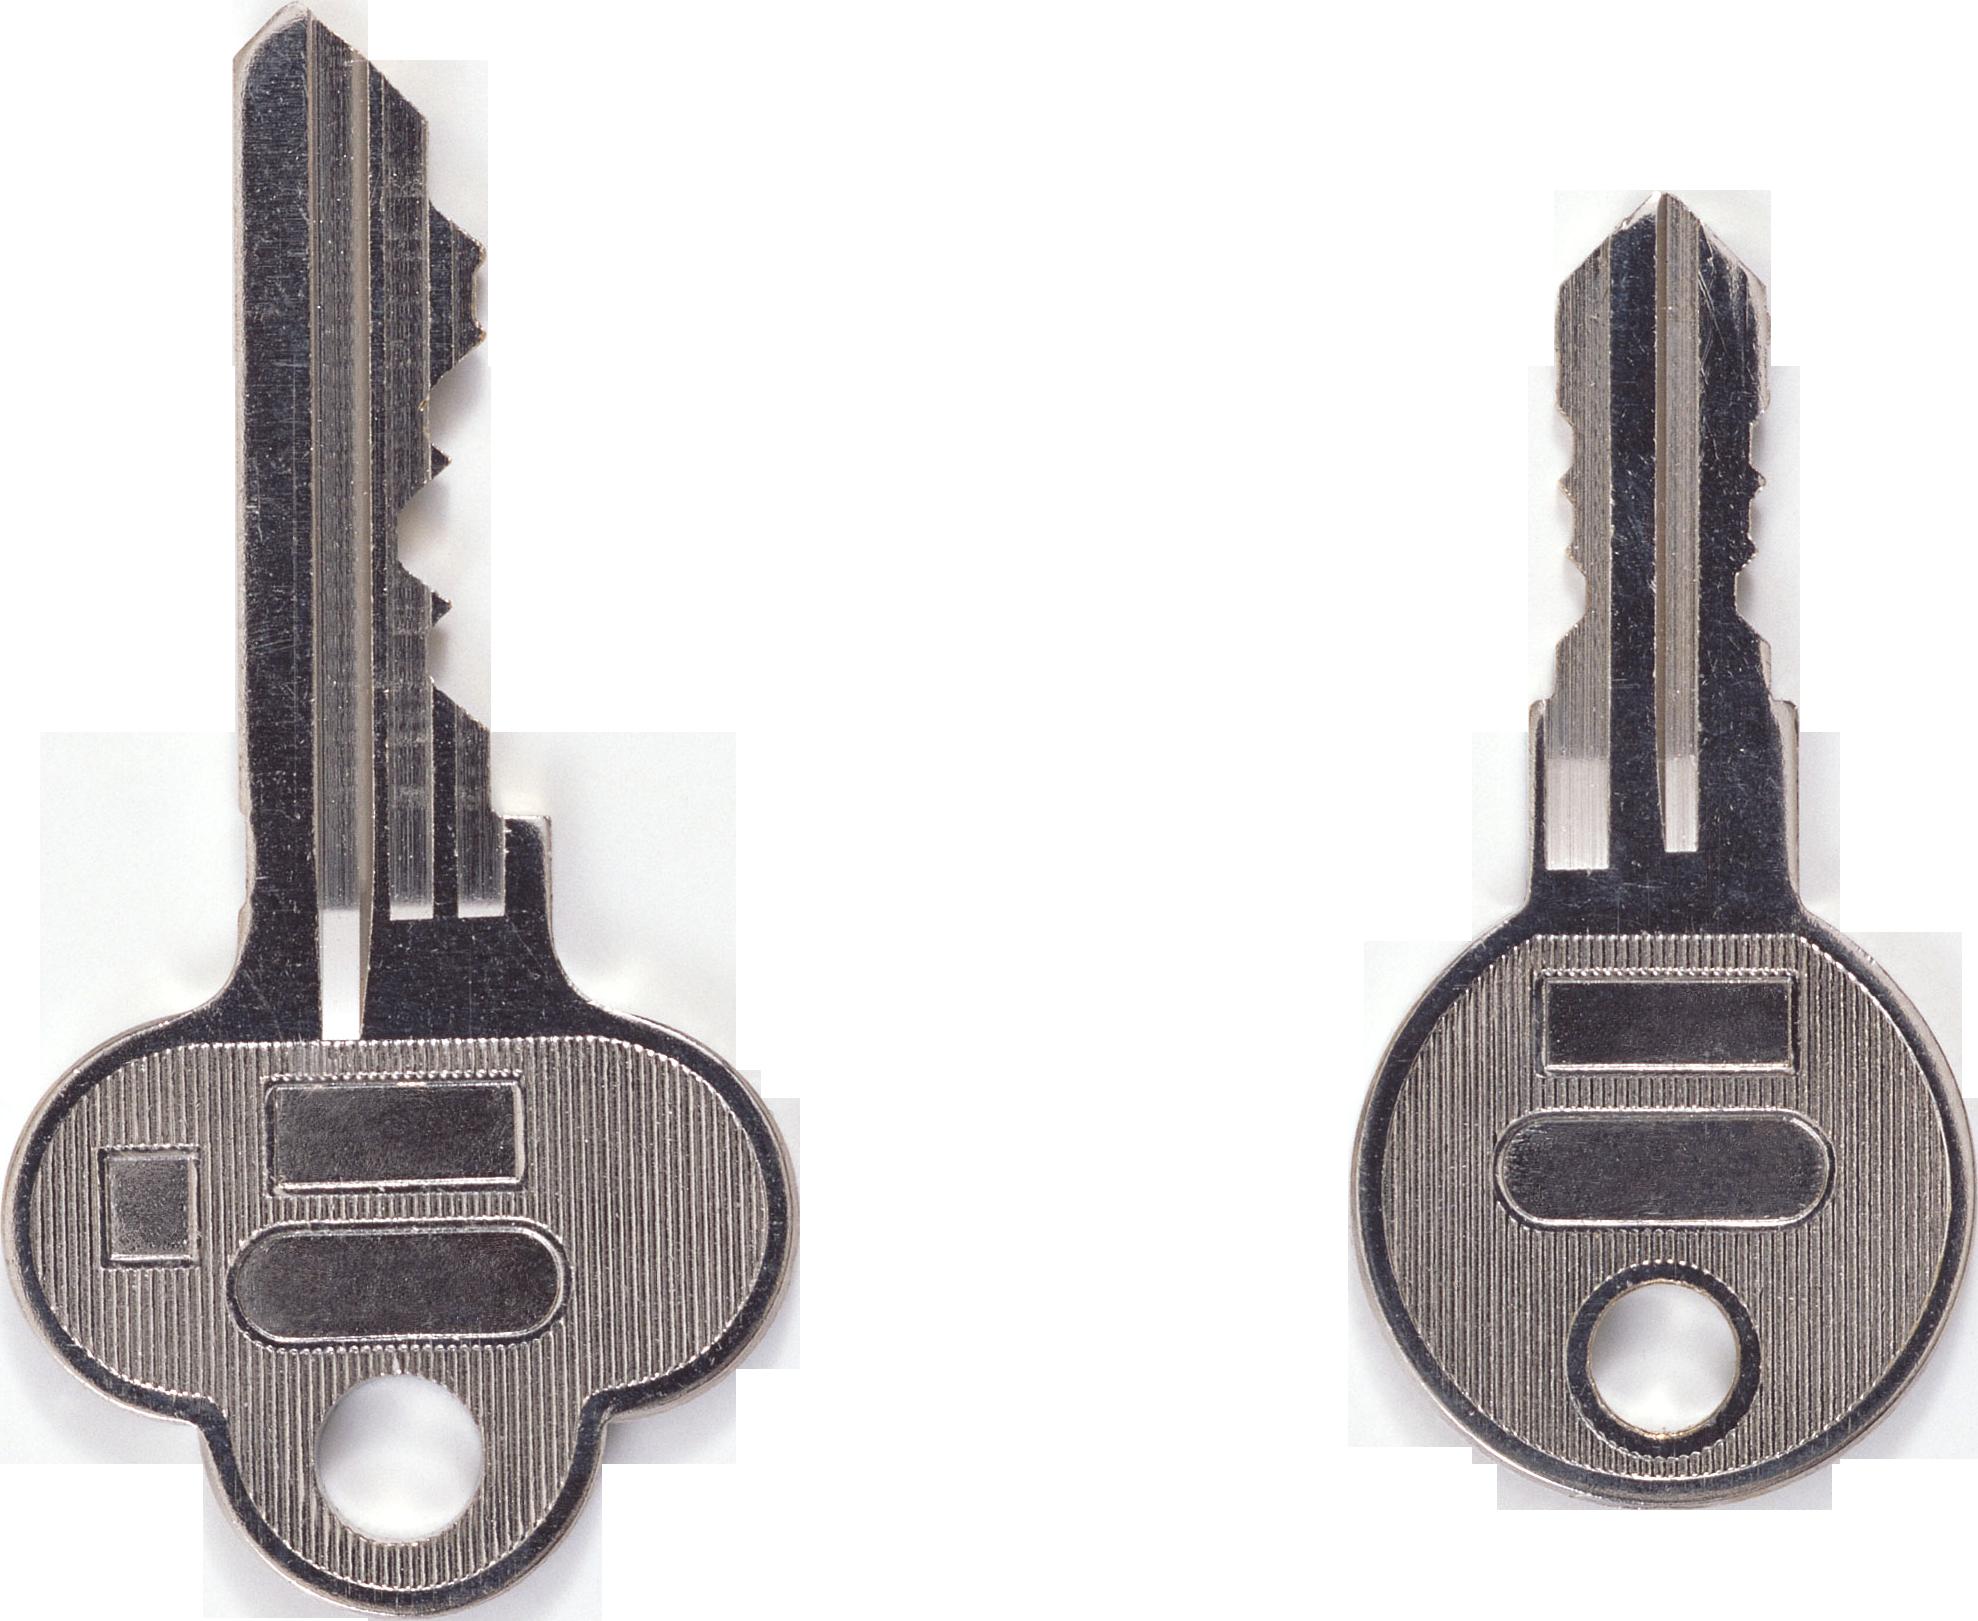 Key's